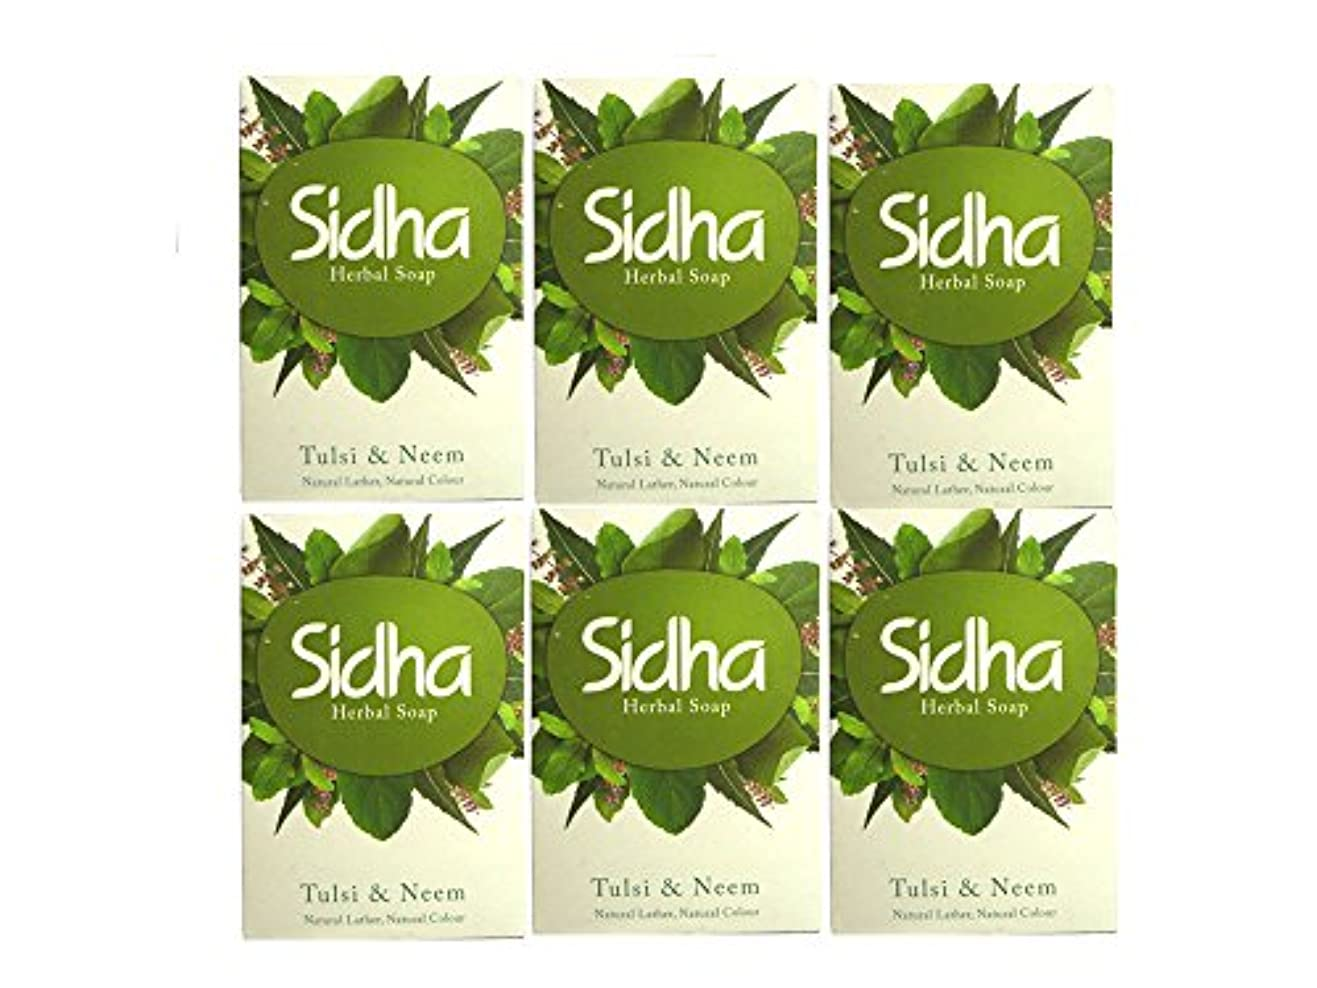 ジョブ市町村閲覧するSIHDH Herbal Soap Tulsi & Neem シダー ハ-バル ソープ 75g 6個セット